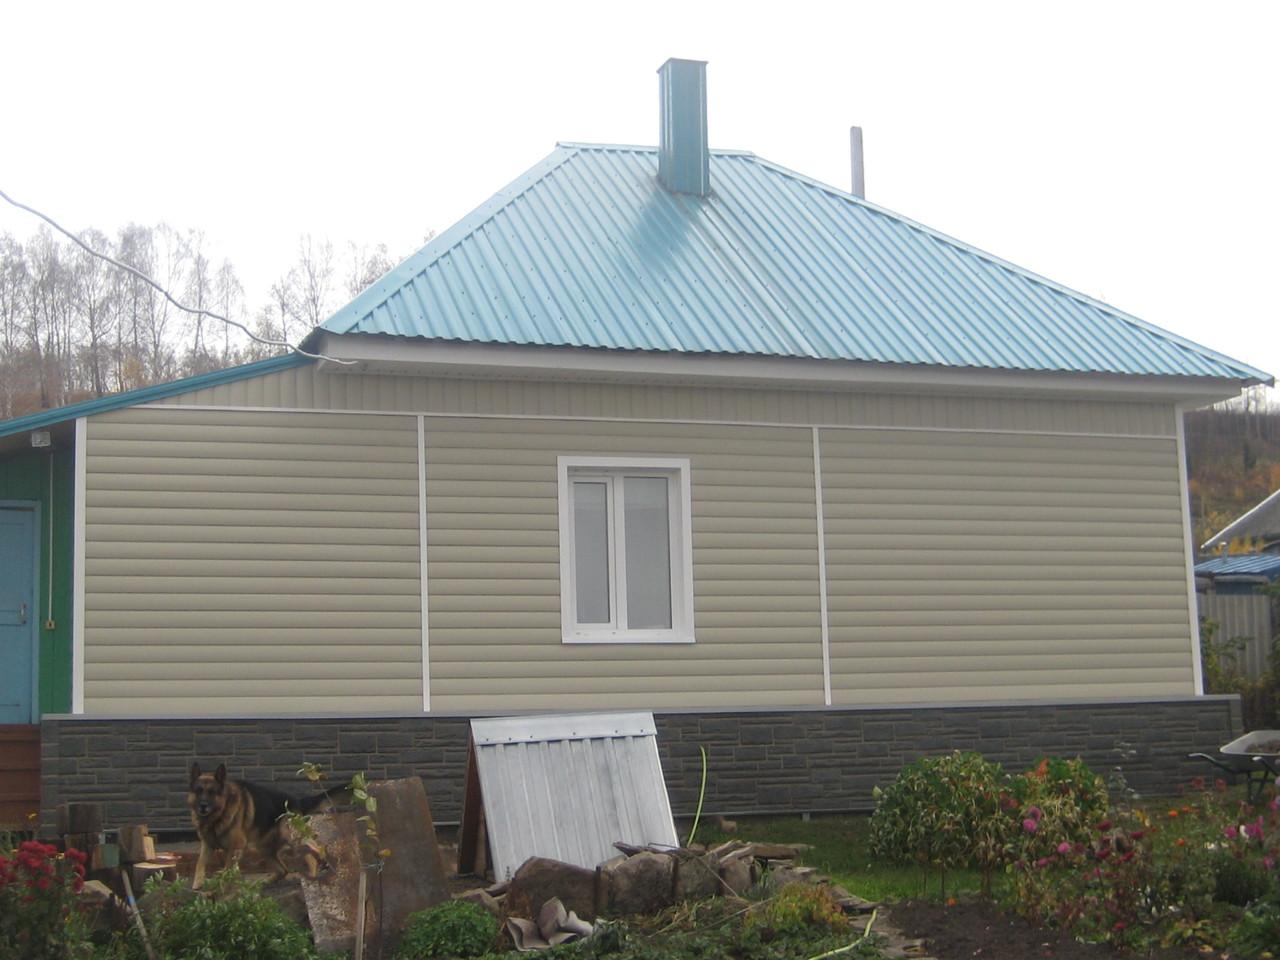 хаус дом фото сайдингом под блок отделанный